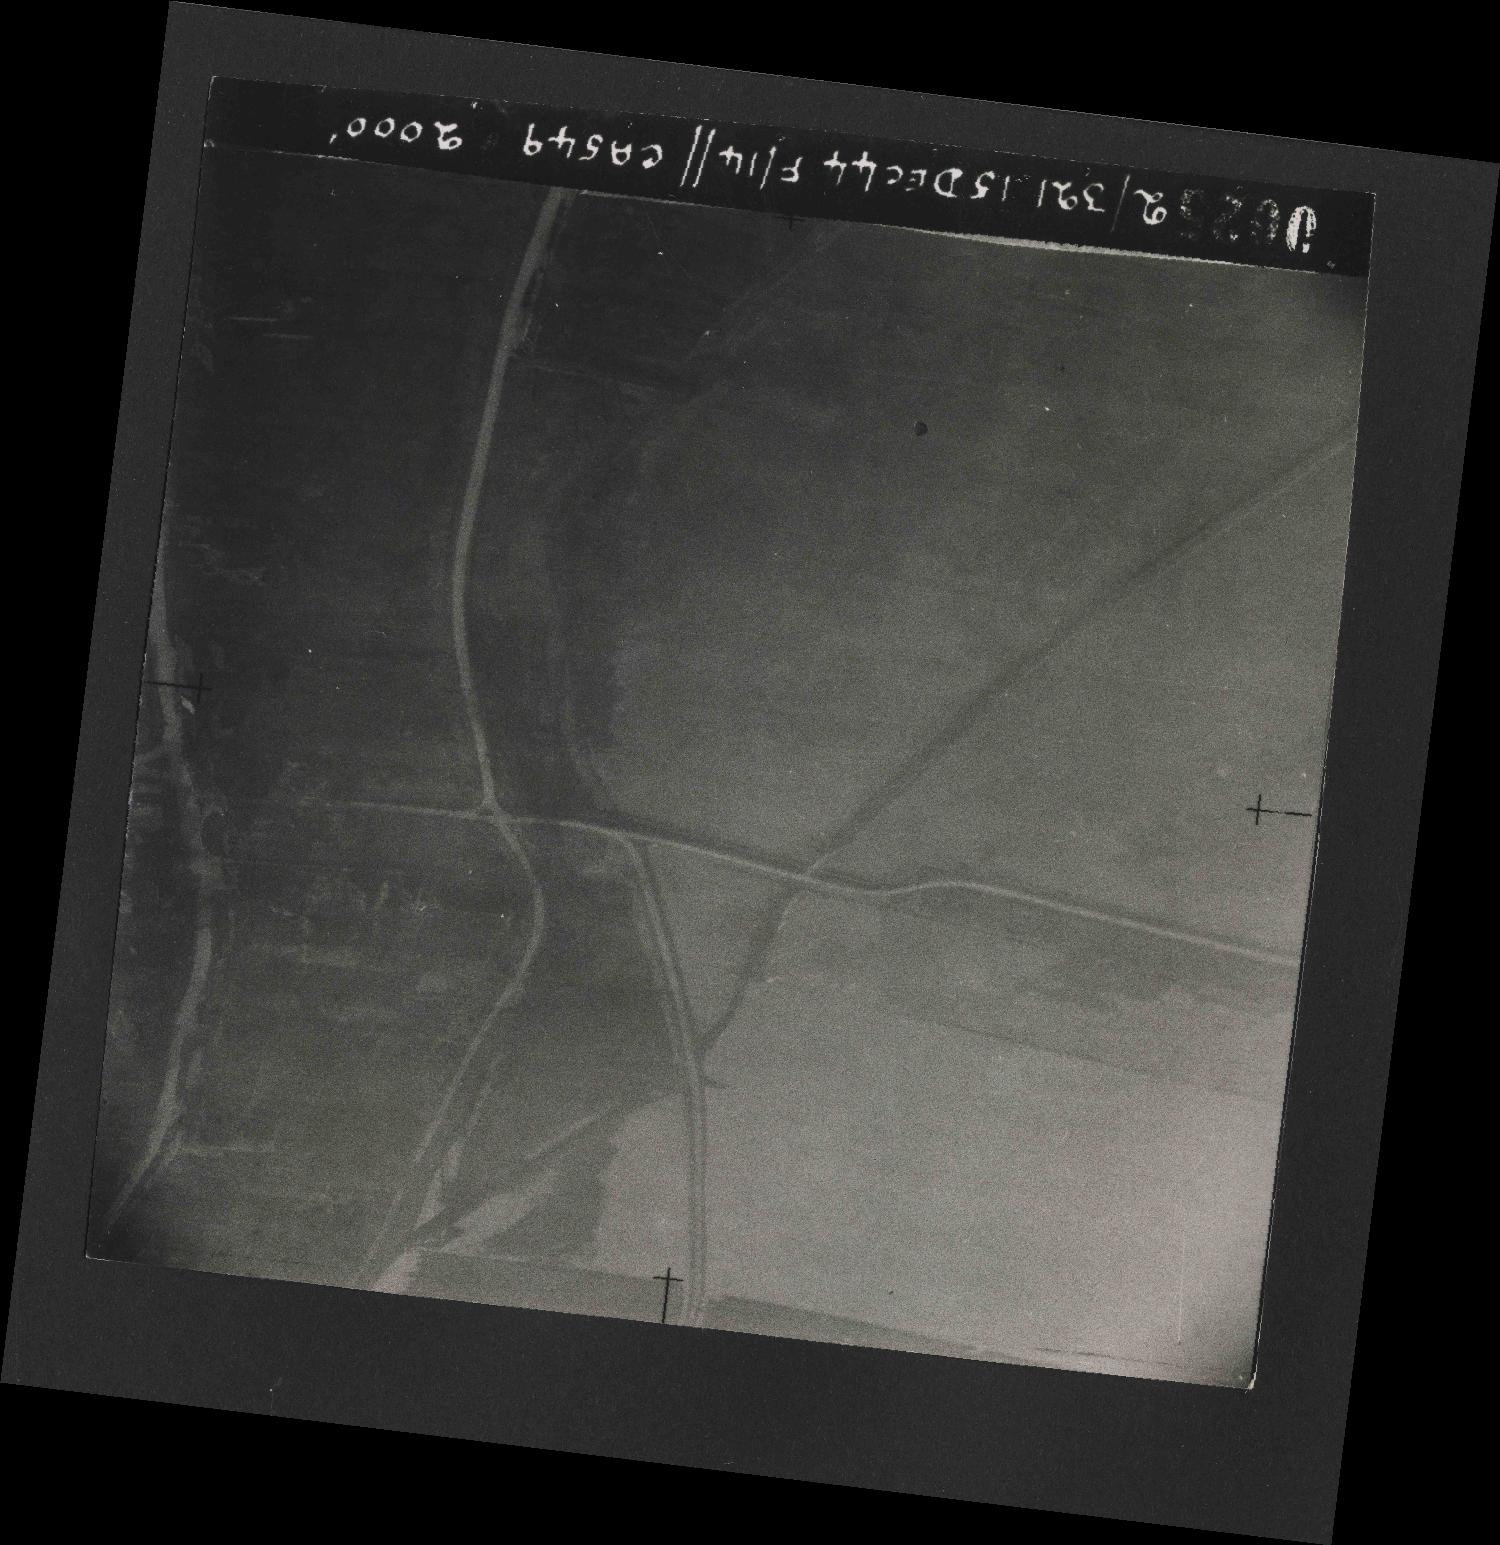 Collection RAF aerial photos 1940-1945 - flight 541, run 01, photo 0025